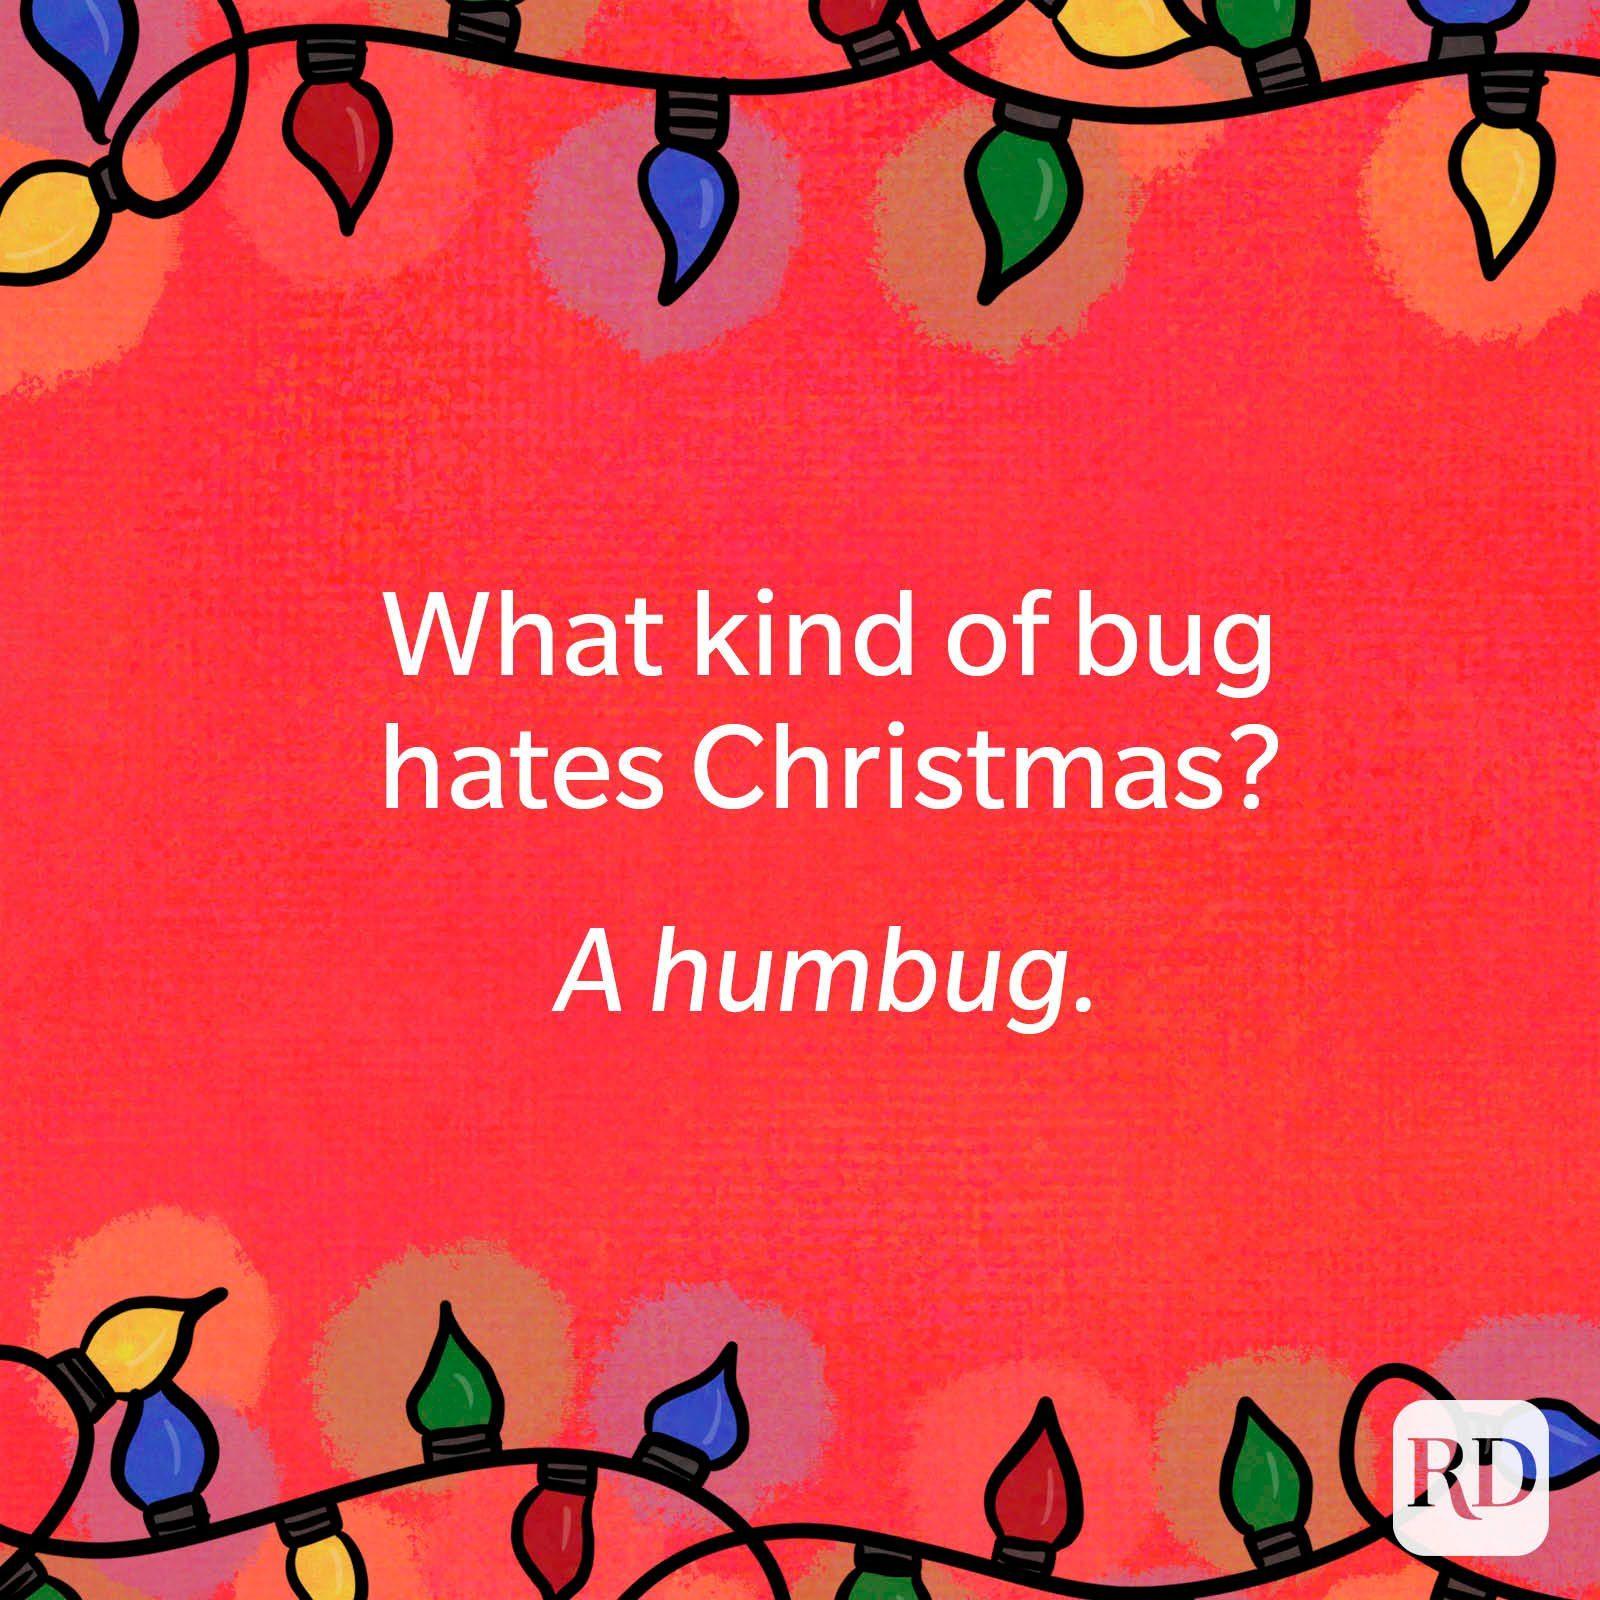 What kind of bug hates Christmas? A humbug.